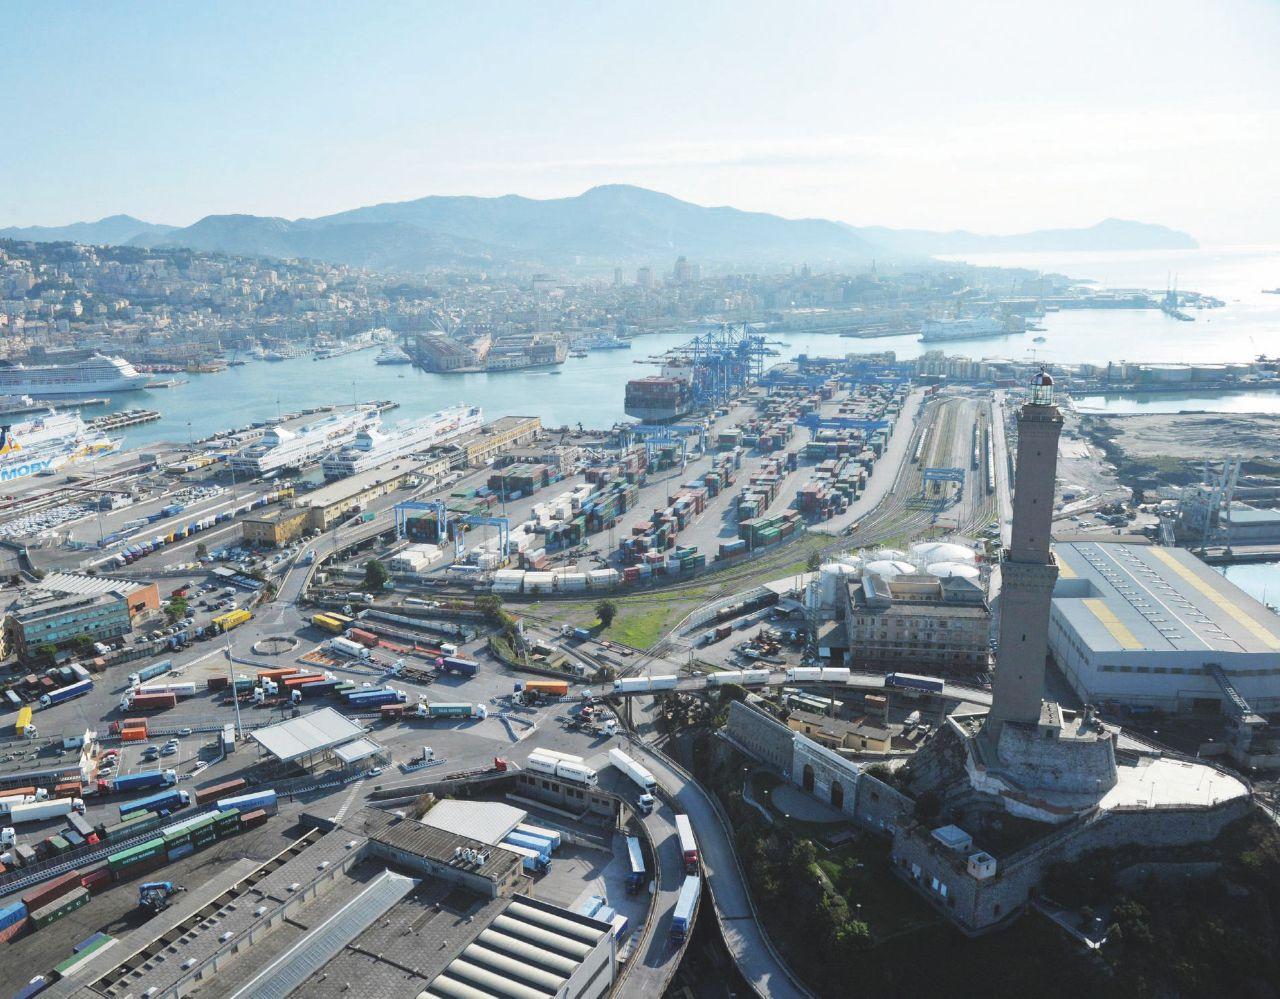 Crisi, indagini e riforma a metà: i signori dei porti resistono